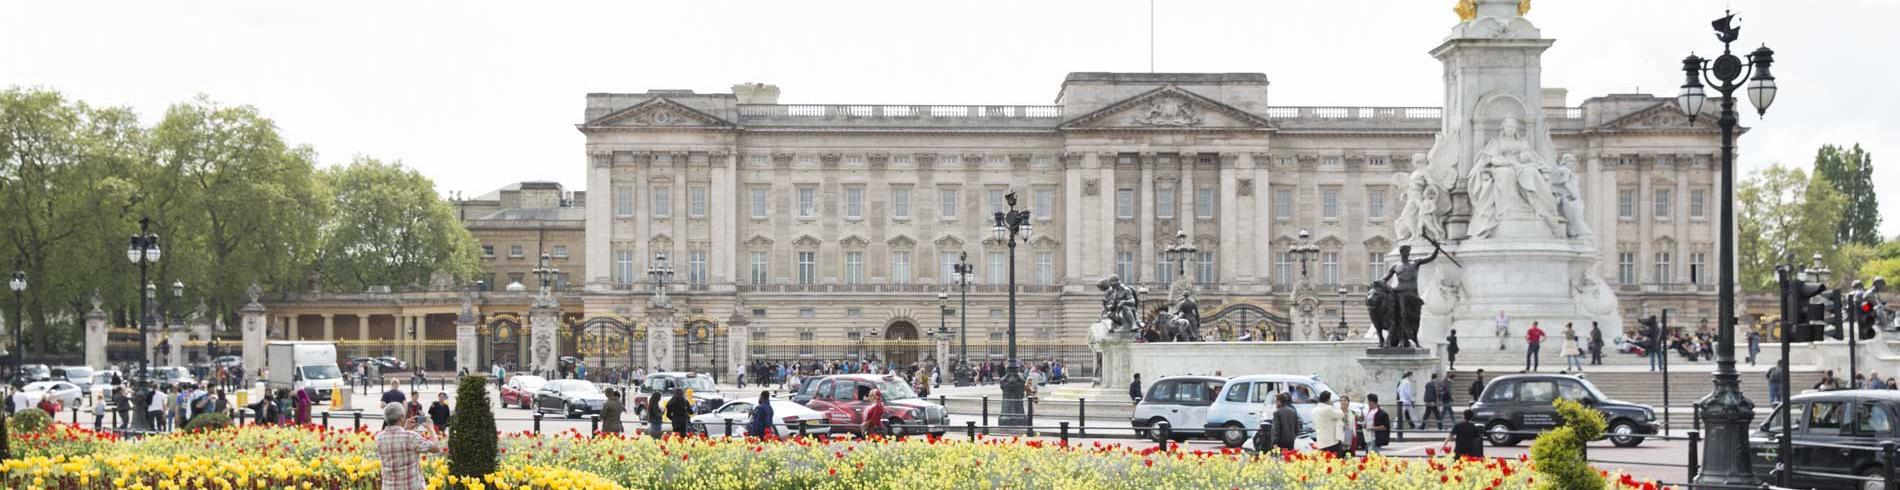 Paris-Londres, ne manquez pas Buckingham palace